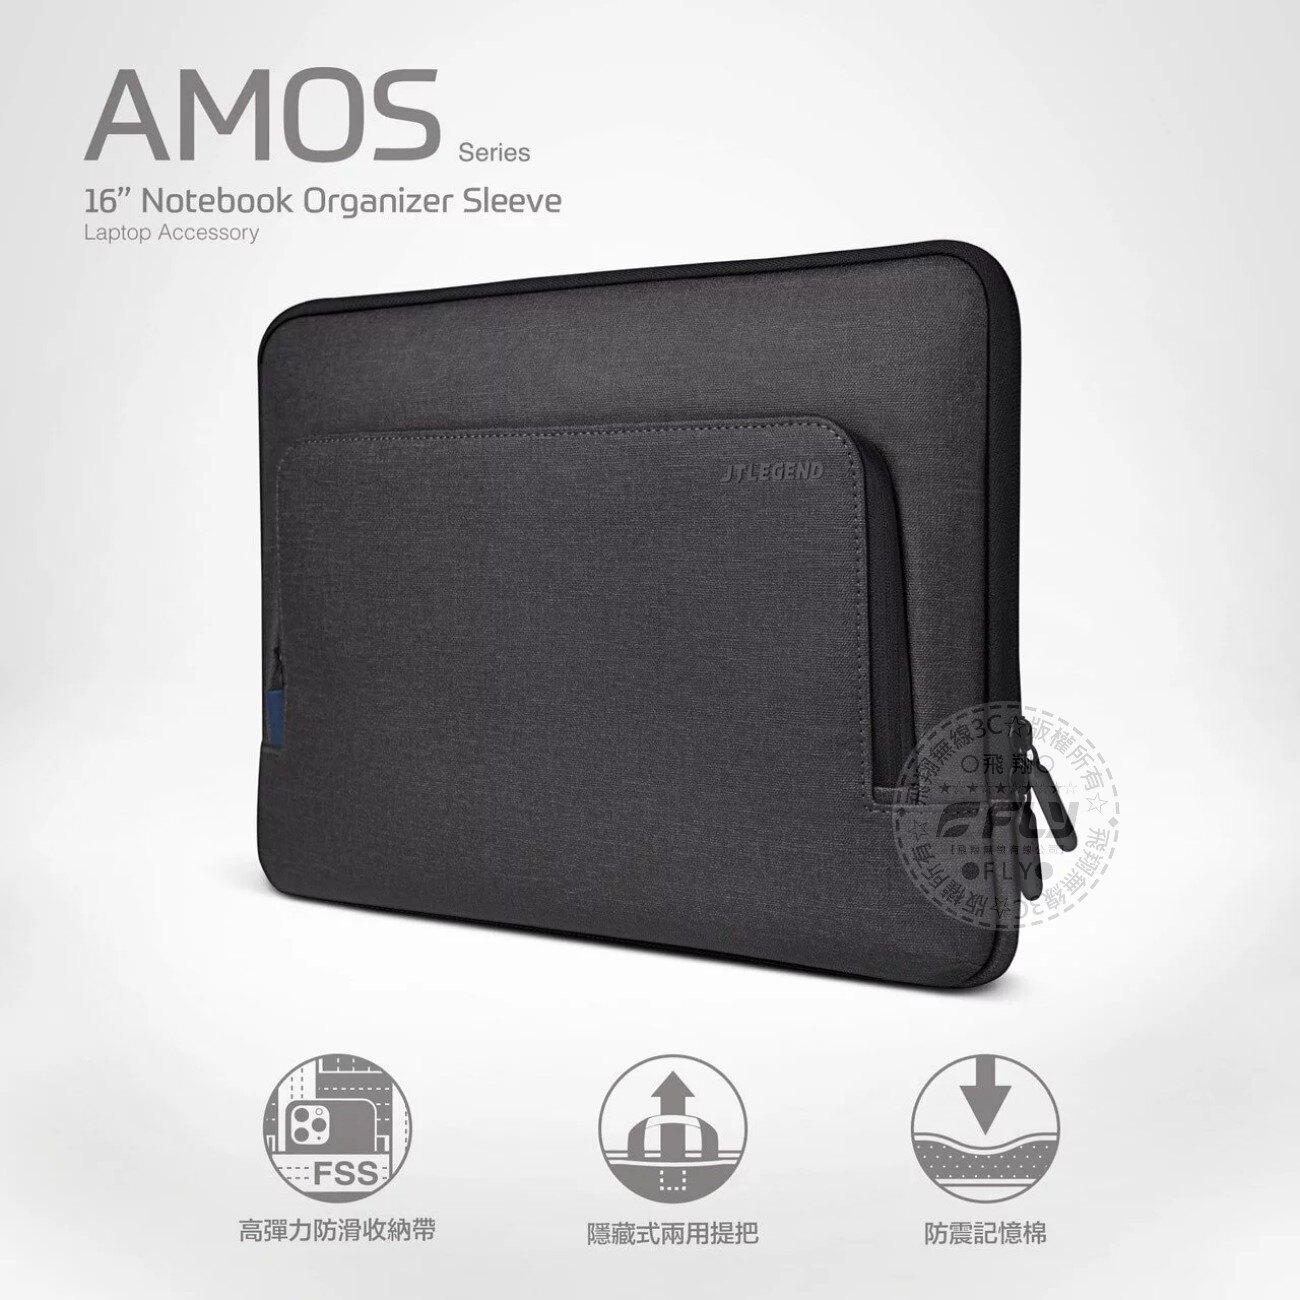 《飛翔無線3C》JTLEGEND 16吋 AMOS 巧納筆電內袋◉公司貨◉平板保護包◉手機配件收納◉出遊勤務包